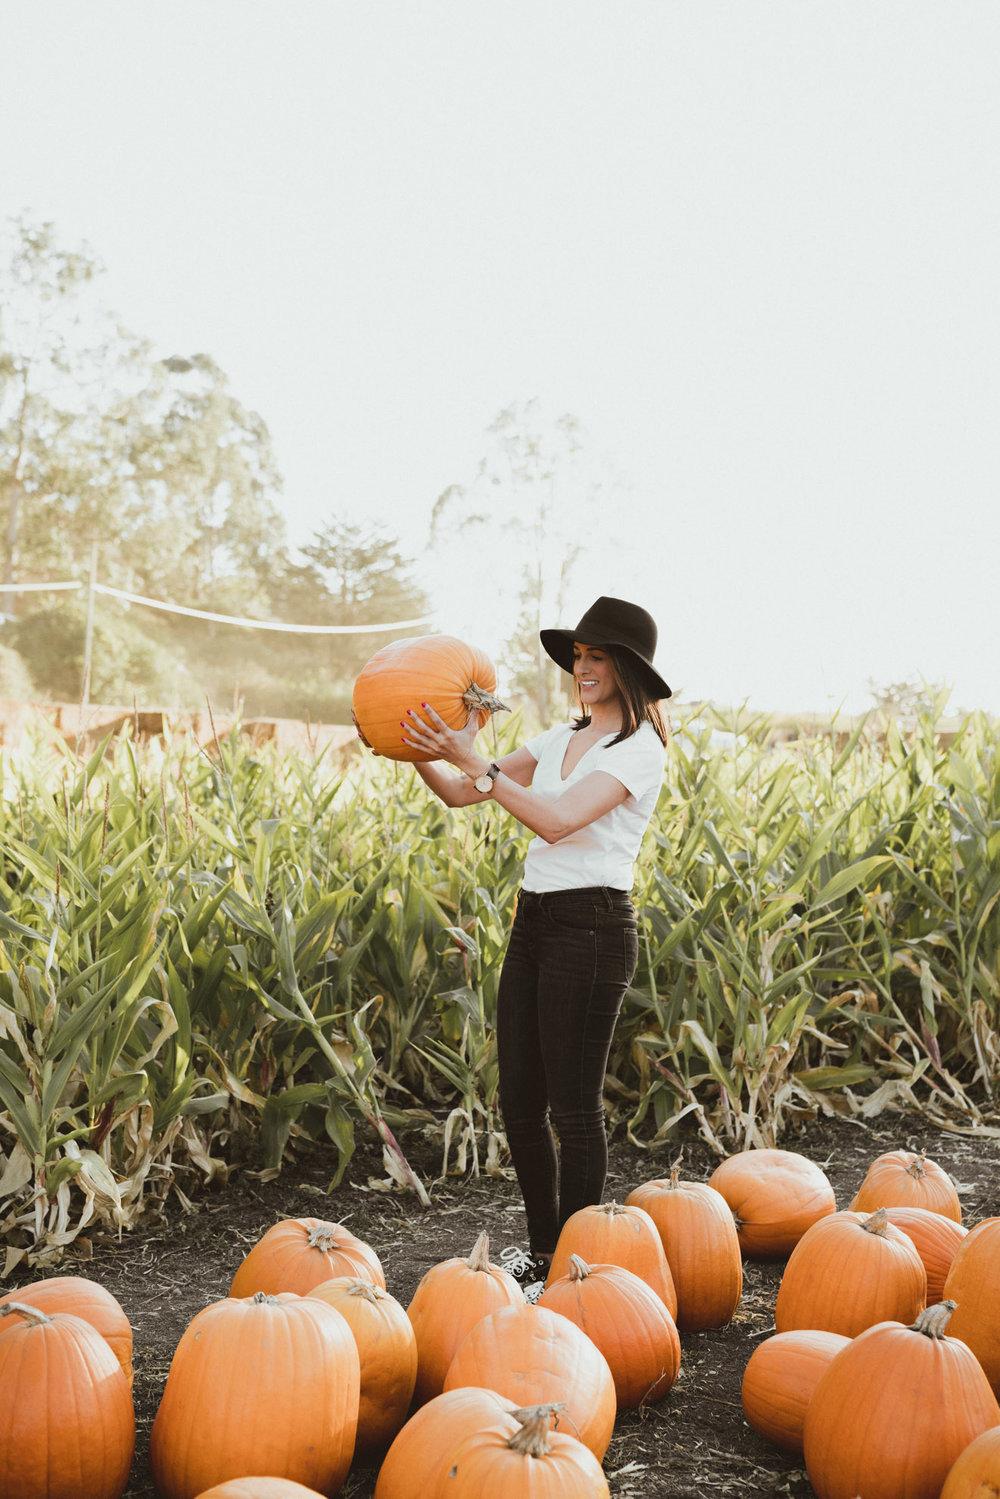 Selecting pumpkins at farm in Half Moon Bay, California